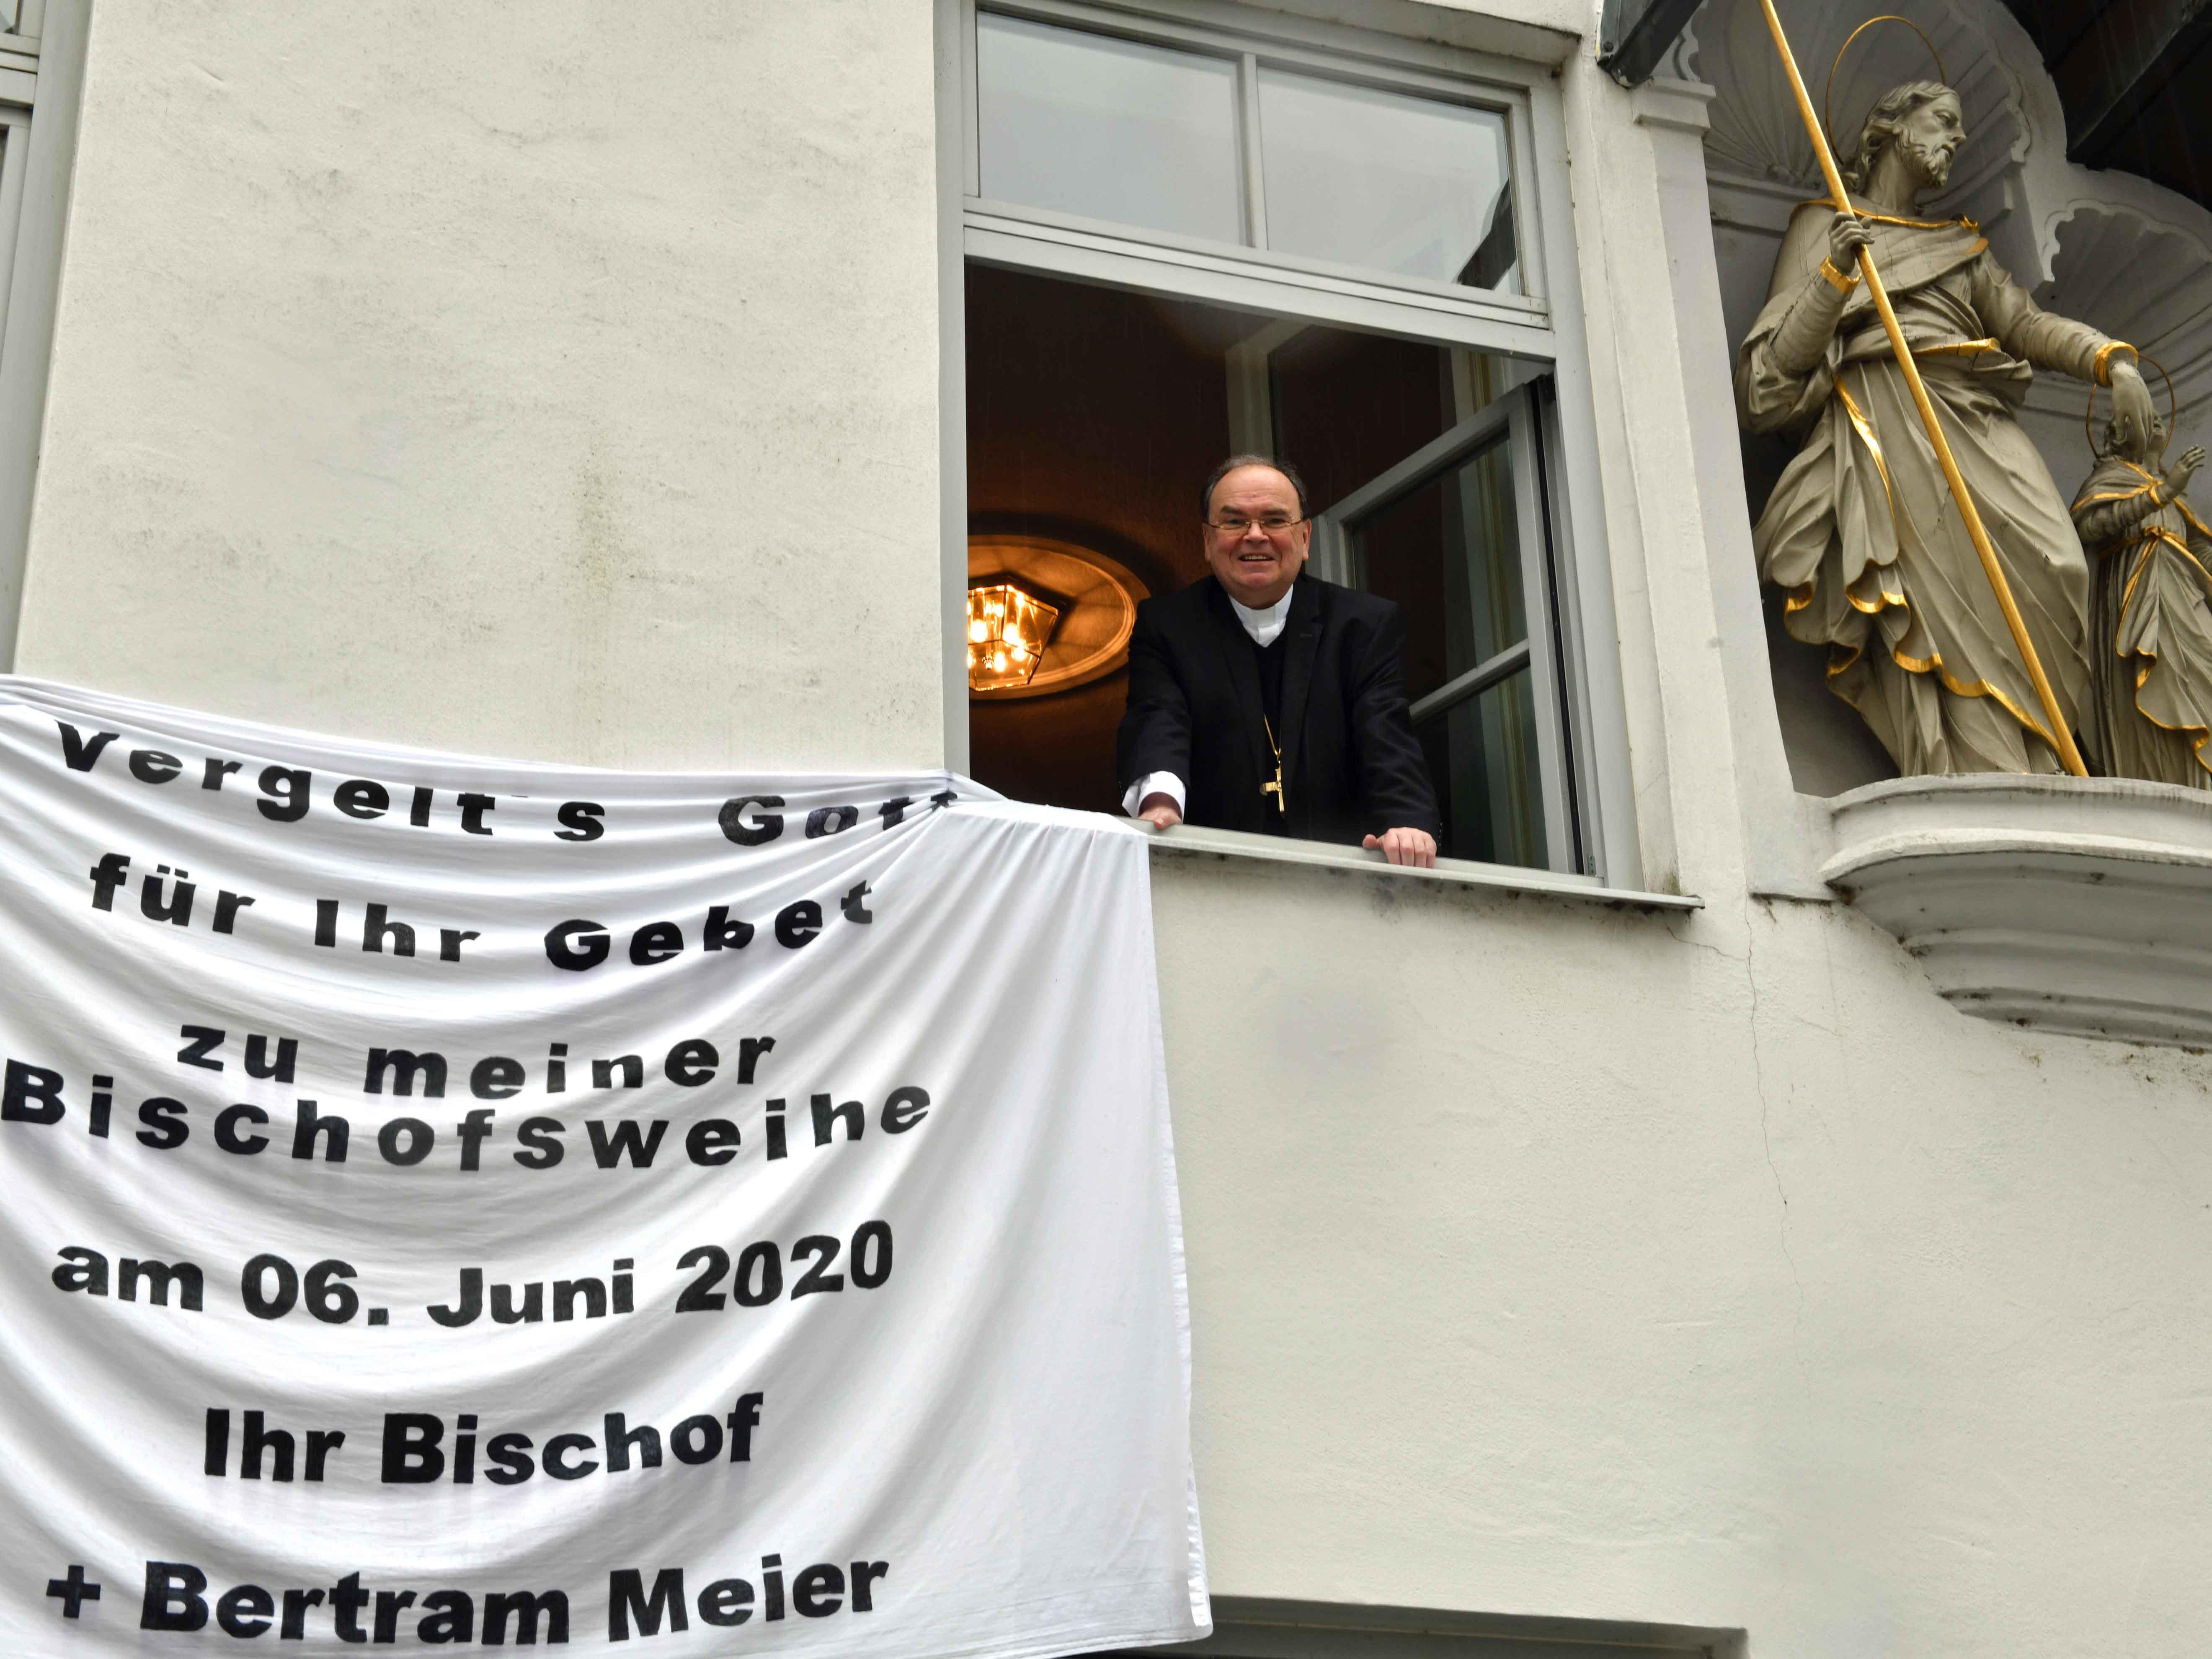 Auch am Bischofshaus bedankt sich Bischof Bertram seit dem Tag der Bischofsweihe mit einem Transparent. (Foto: Nicolas Schnall/pba)